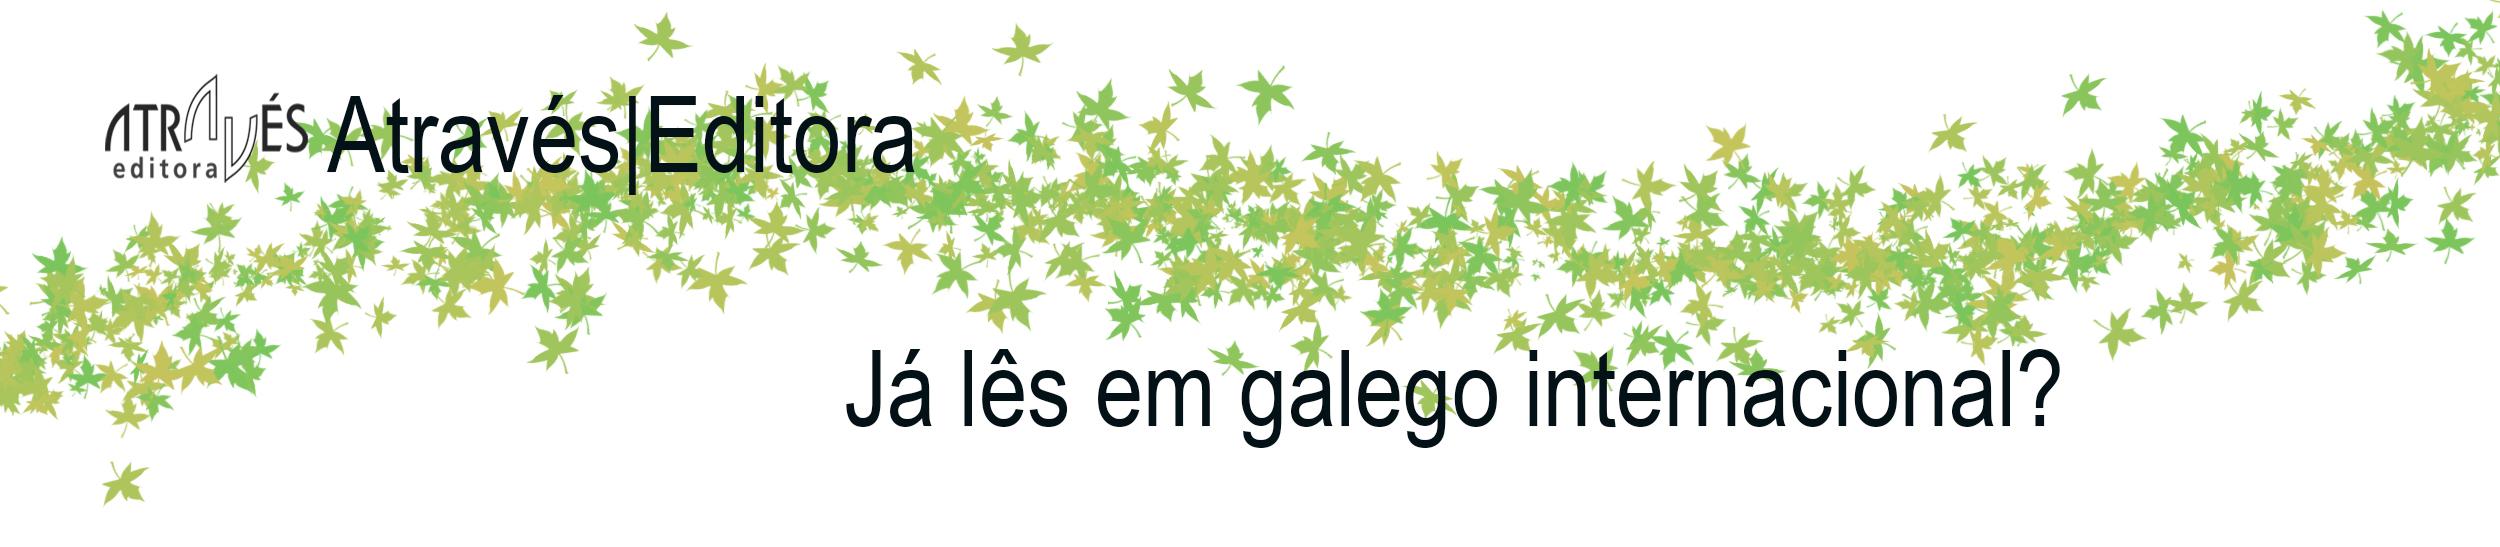 Através Editora área editorial da AGAL